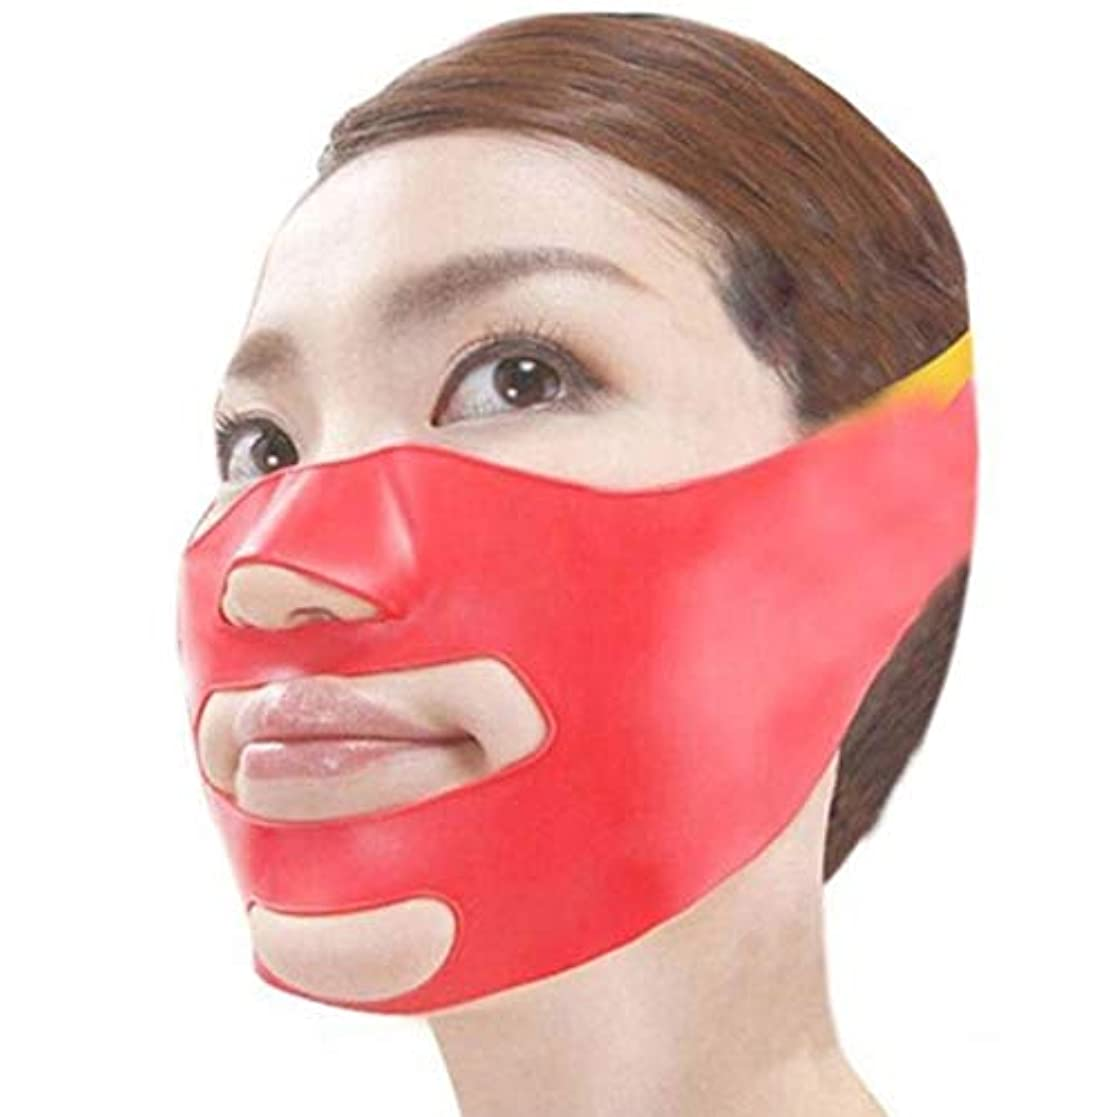 シリコーンフェイススリミングマスクフェイスチンリフトバンドスキンケアリフティングラップVシェイプダブルチンタイトベルト(Color:red)